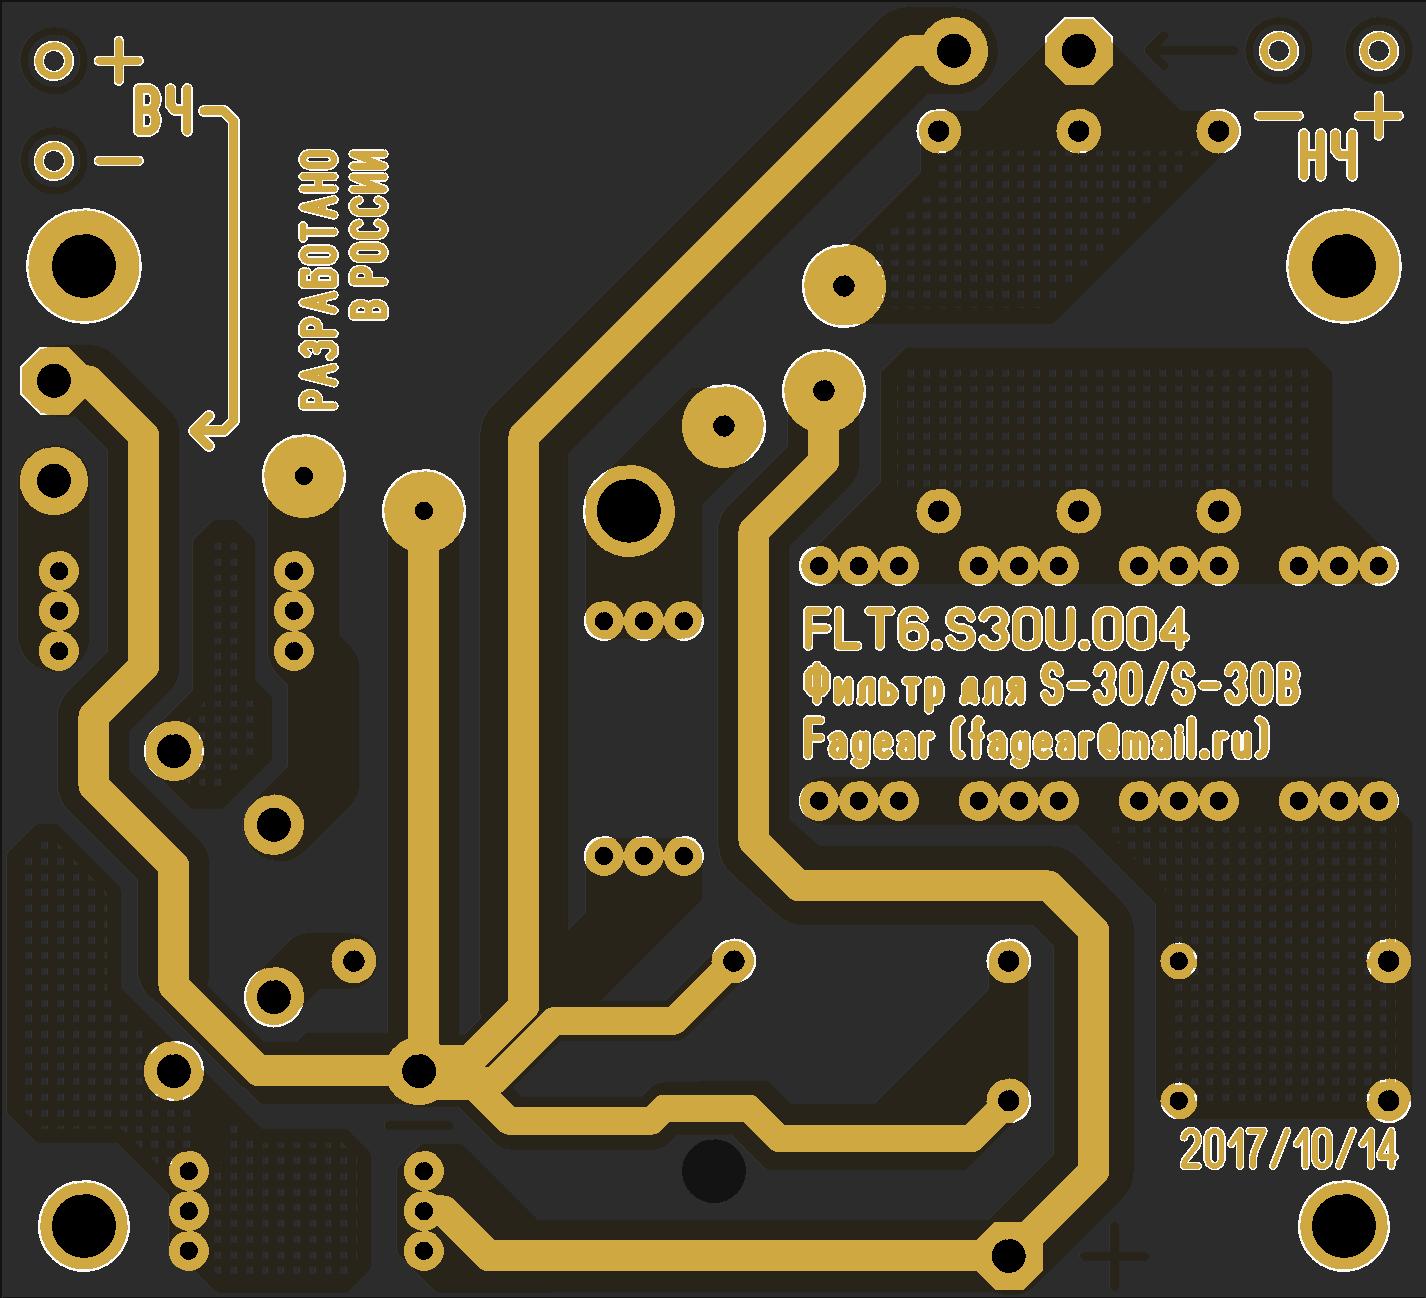 RRR S-30 crossover (FLT6.S30U.04)